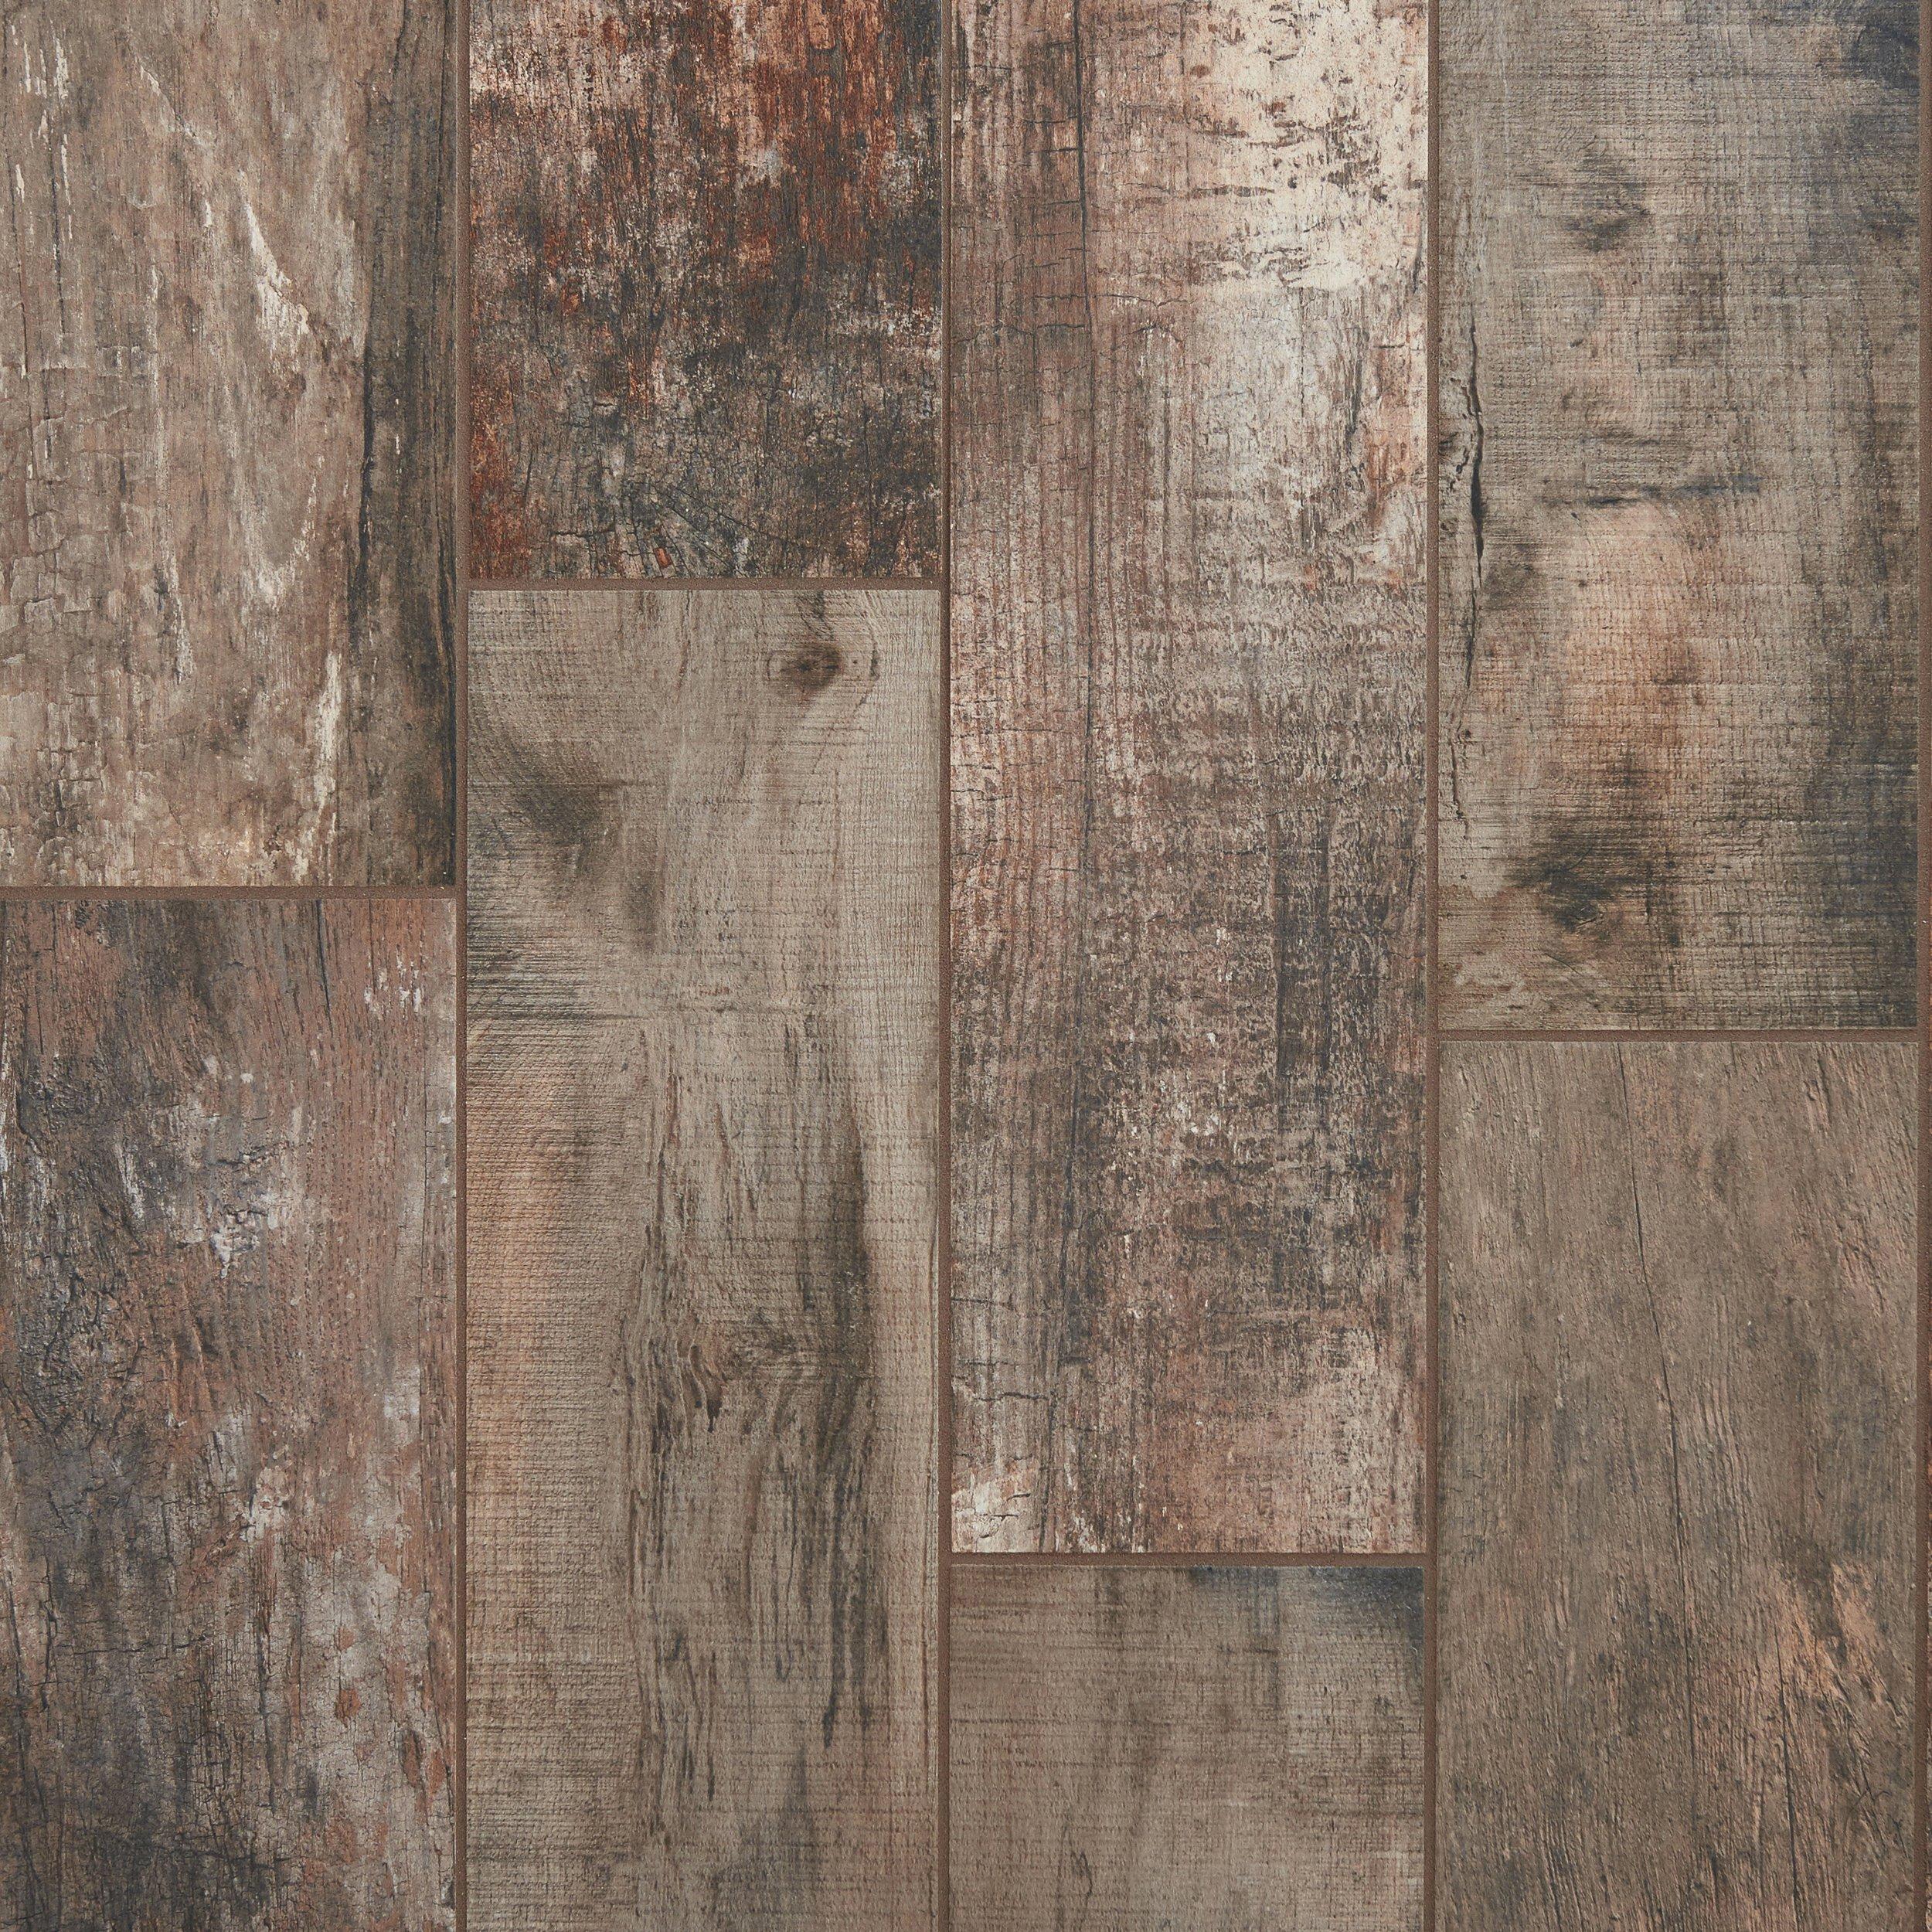 Roanoke Multi Wood Plank Porcelain Tile 8 x 32 100344217